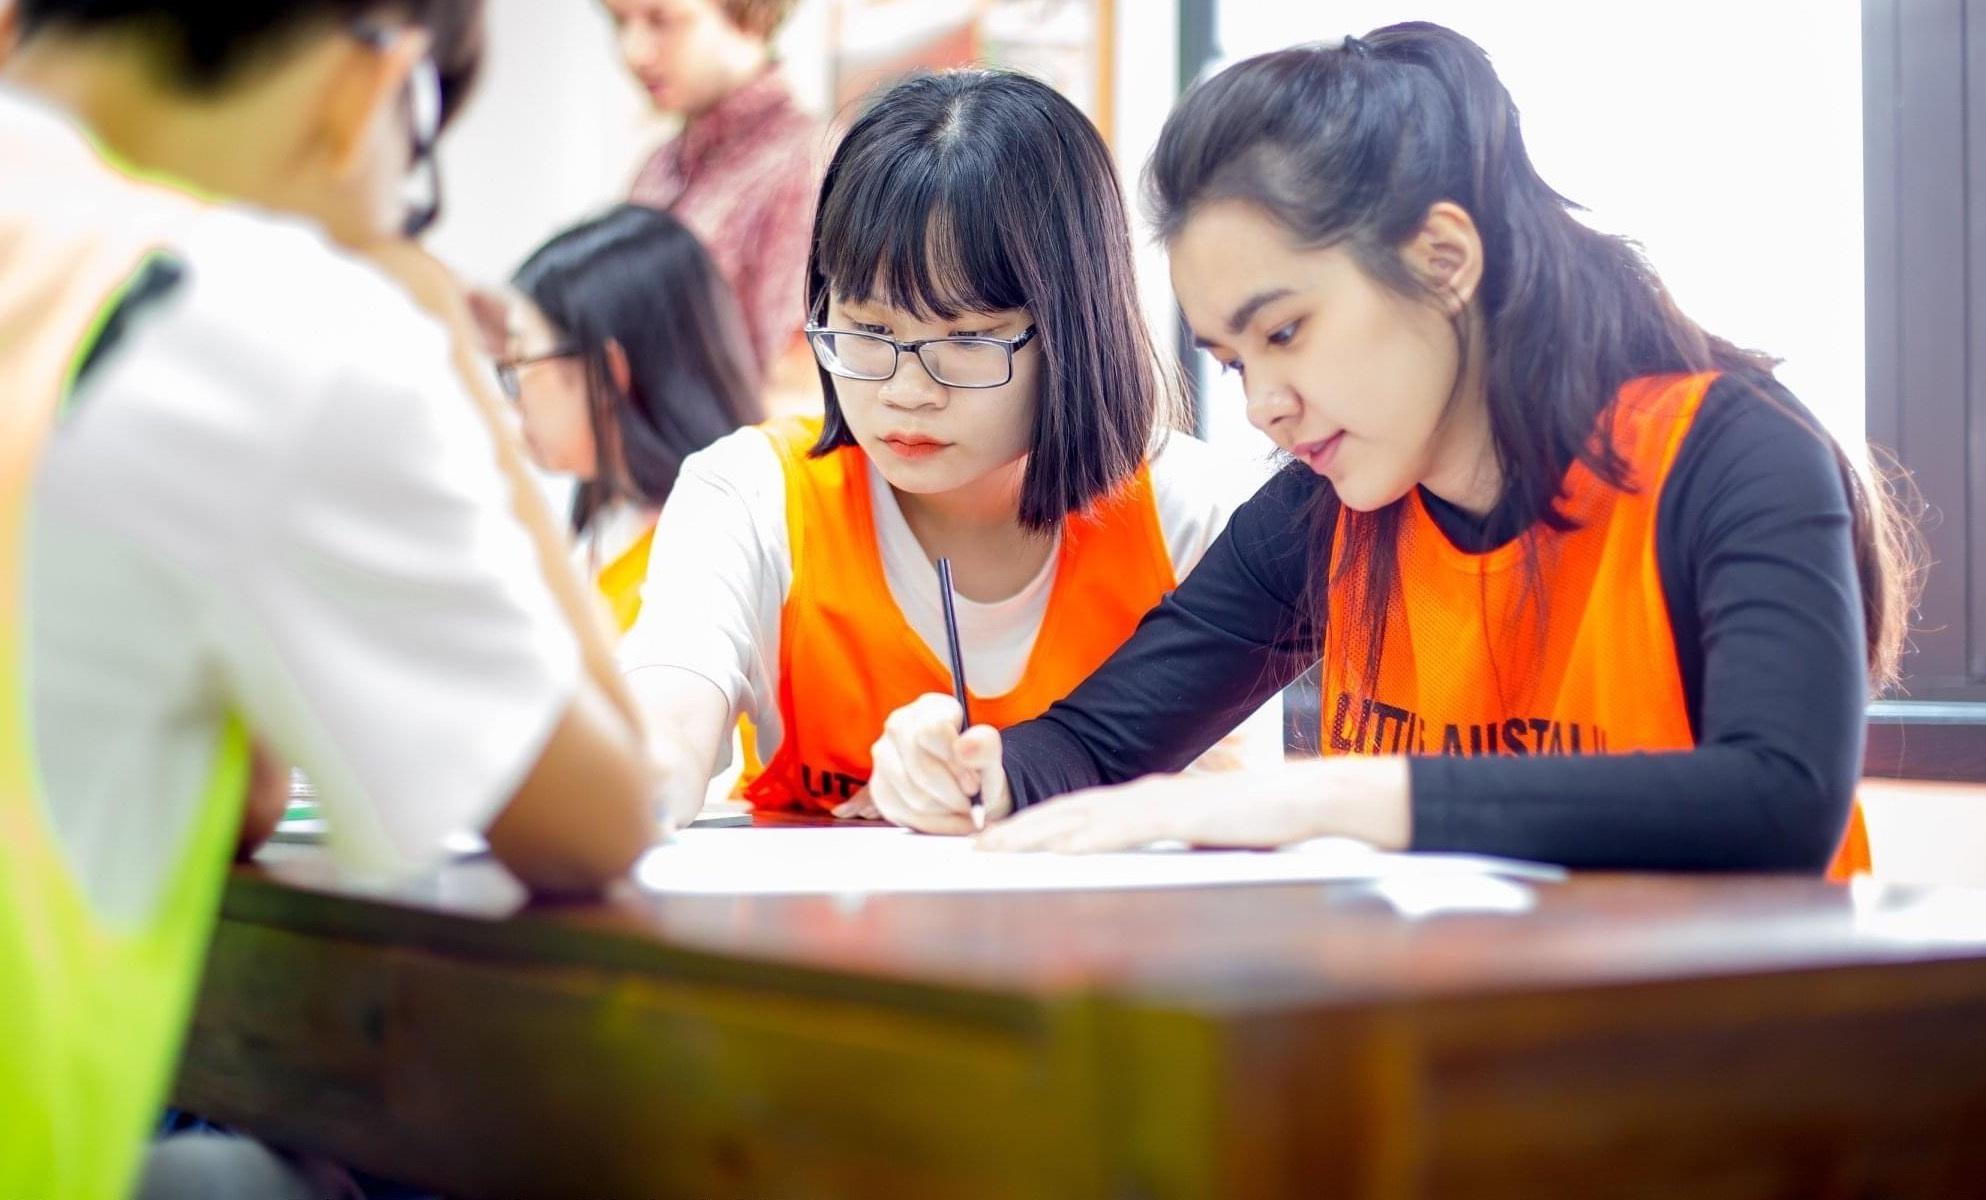 Nữ sinh Hà Nội xinh đẹp, học giỏi, tự kiếm tiền mua nhà ở tuổi 19 - 1